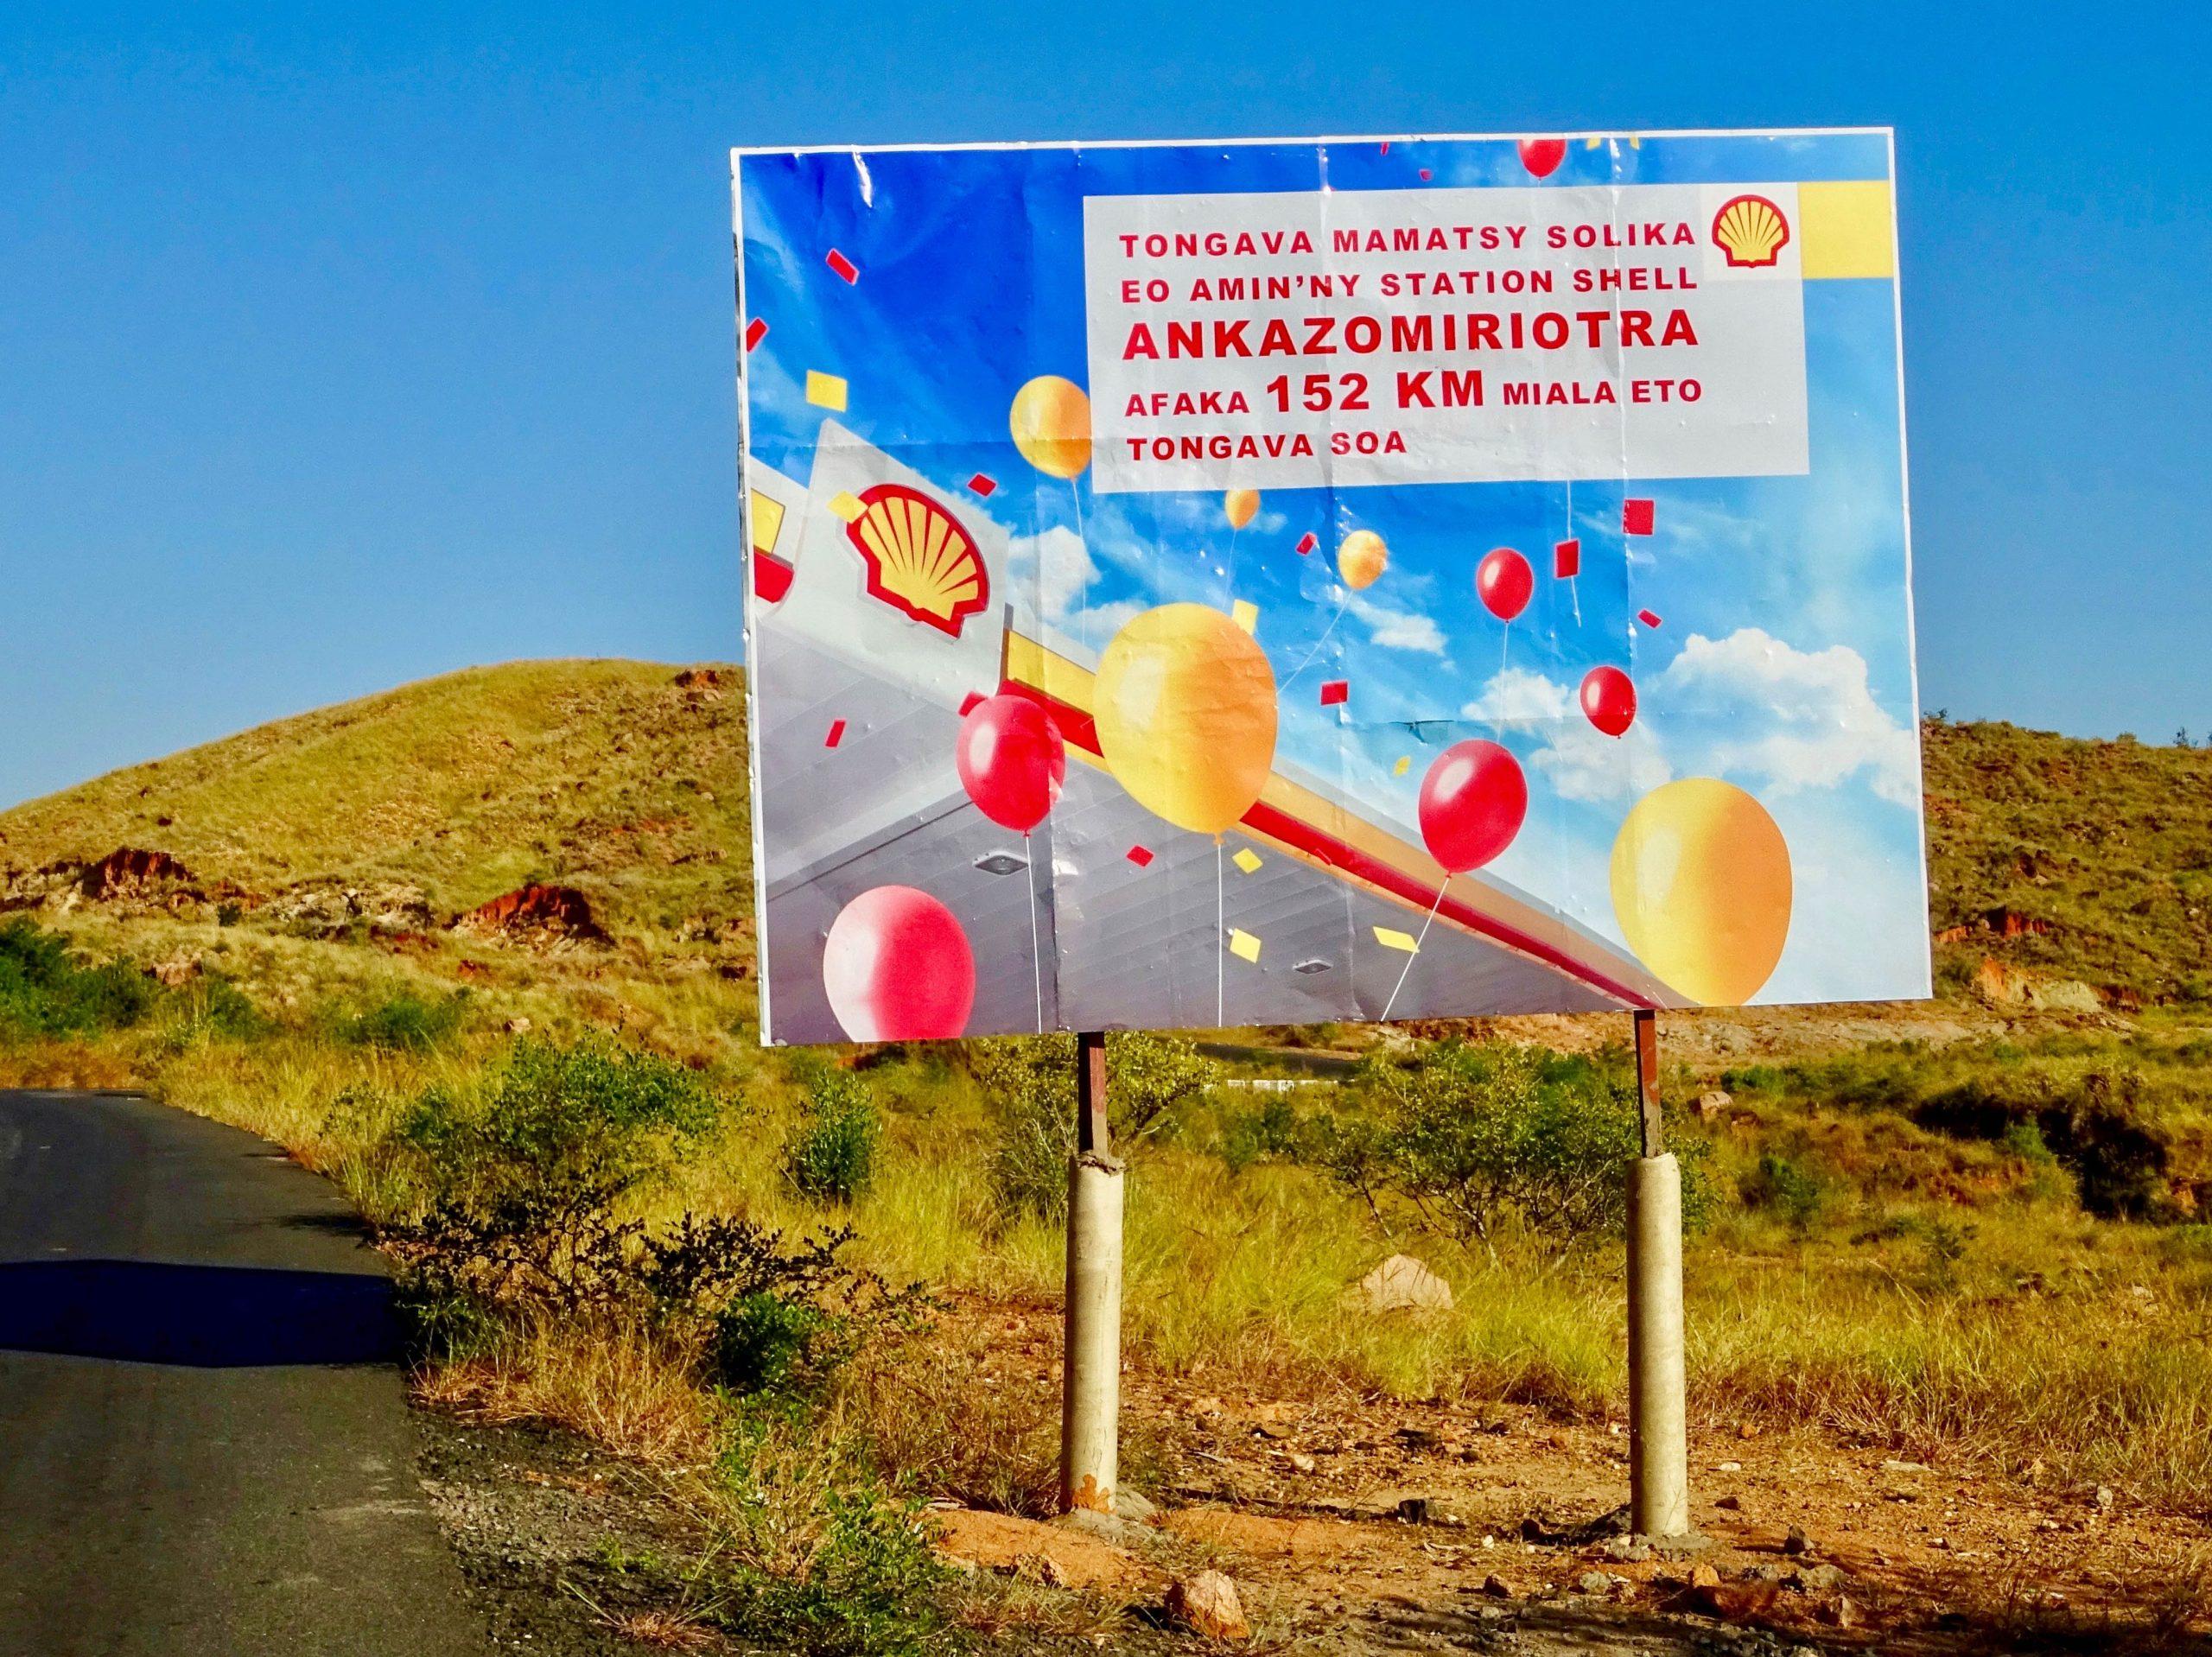 Billboard om Shell station aan te kondigen over 152 km